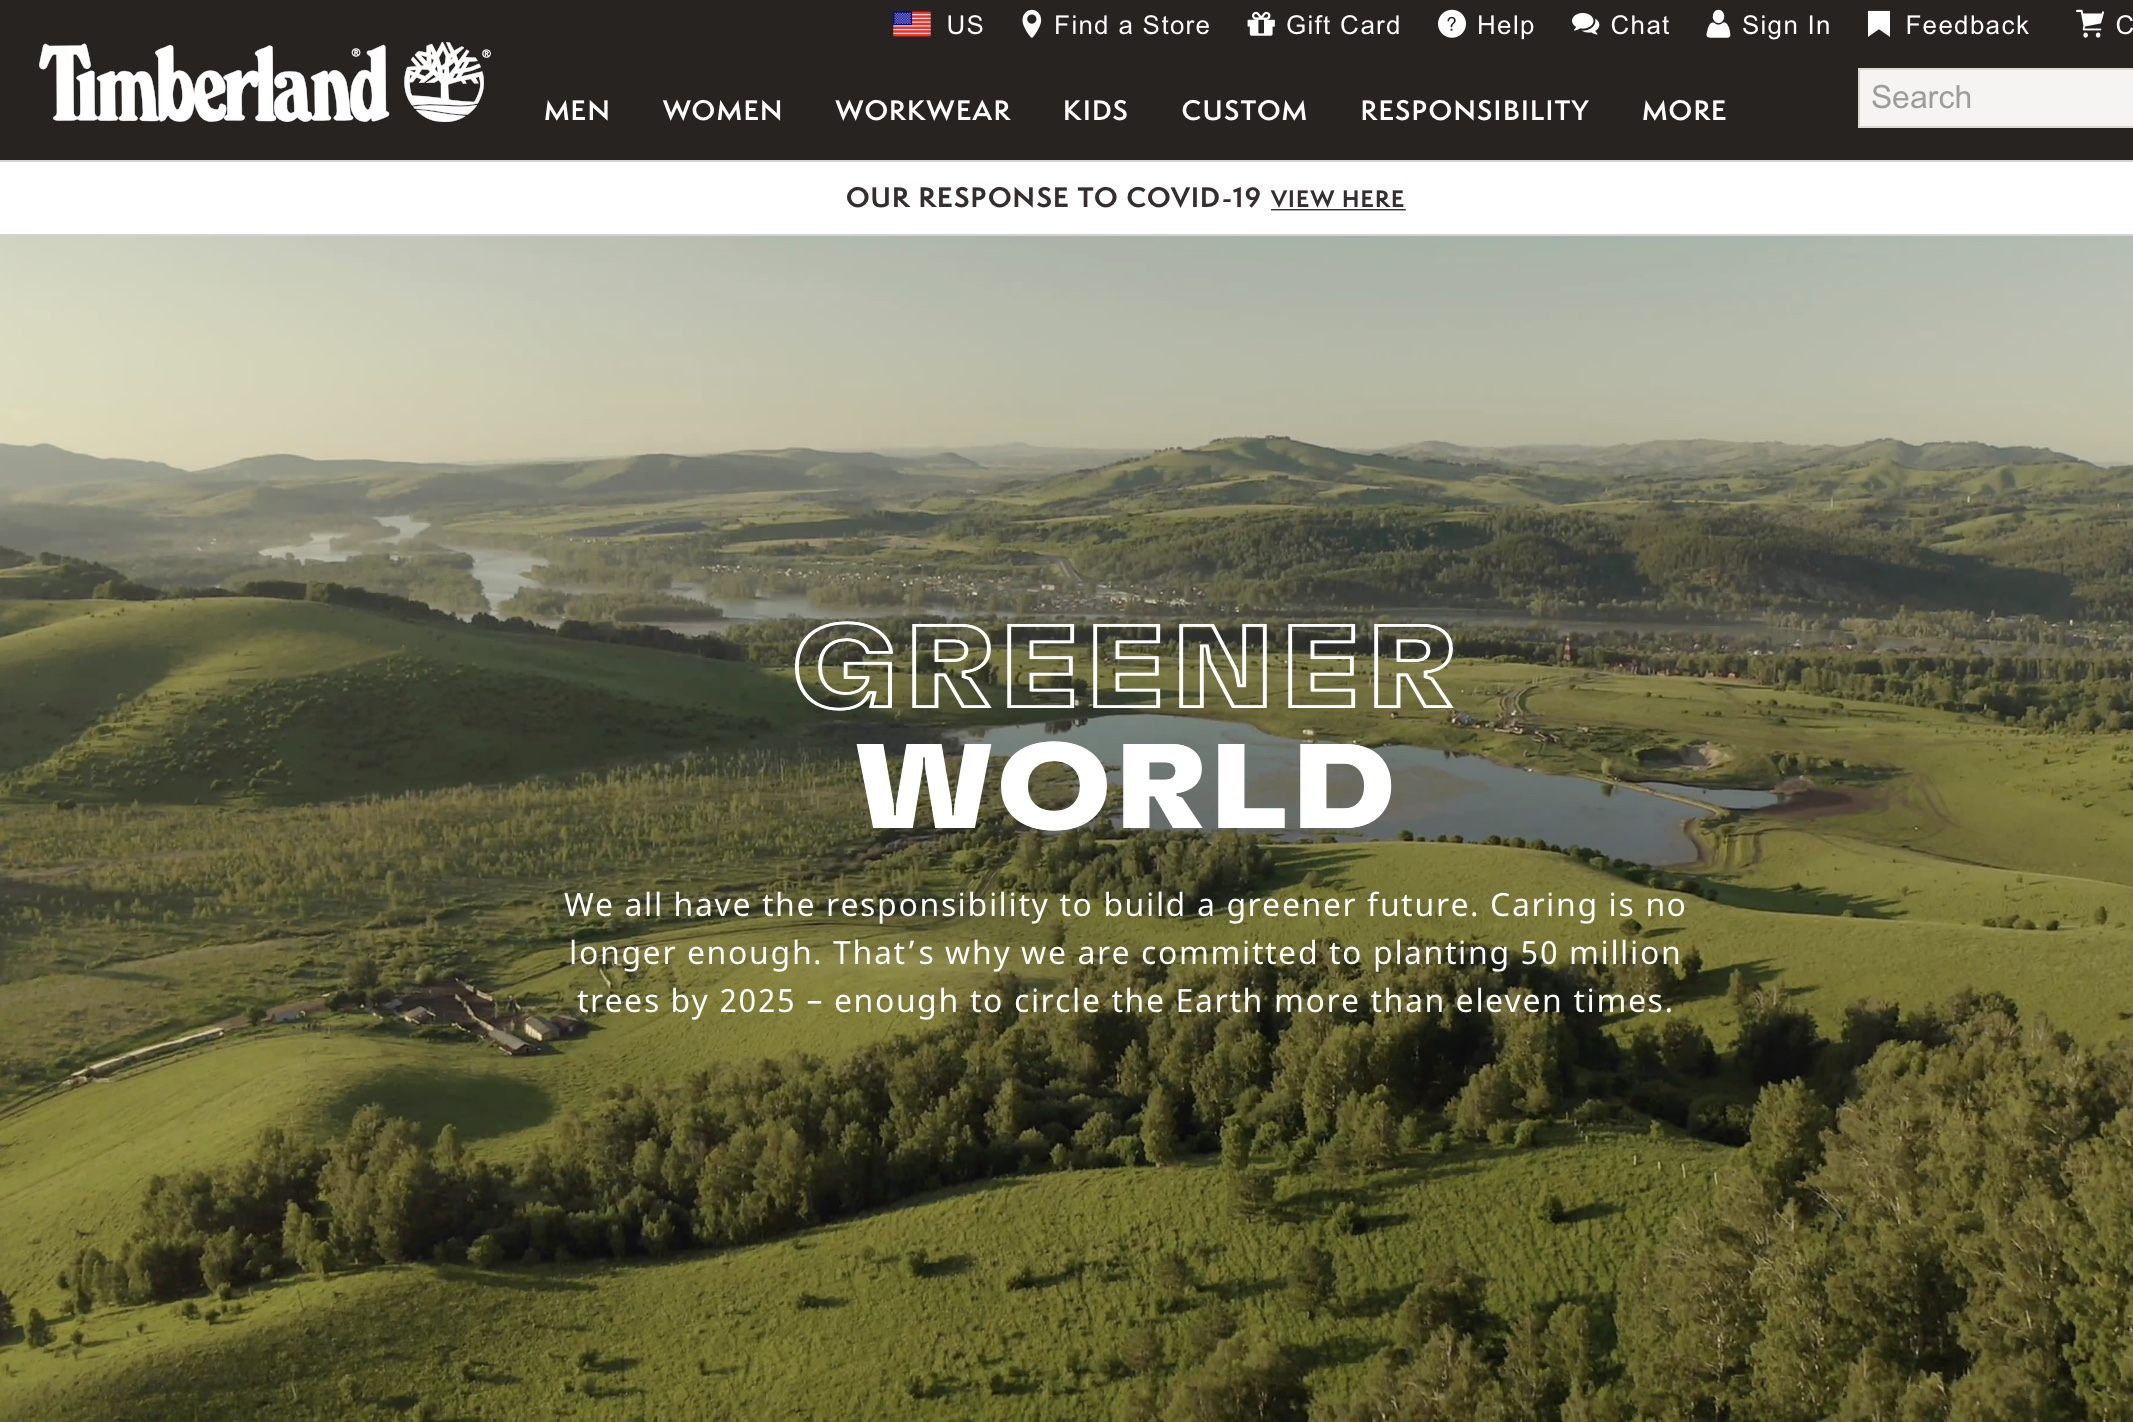 美国户外生活方式品牌 Timberland 承诺到2030年实现碳中和